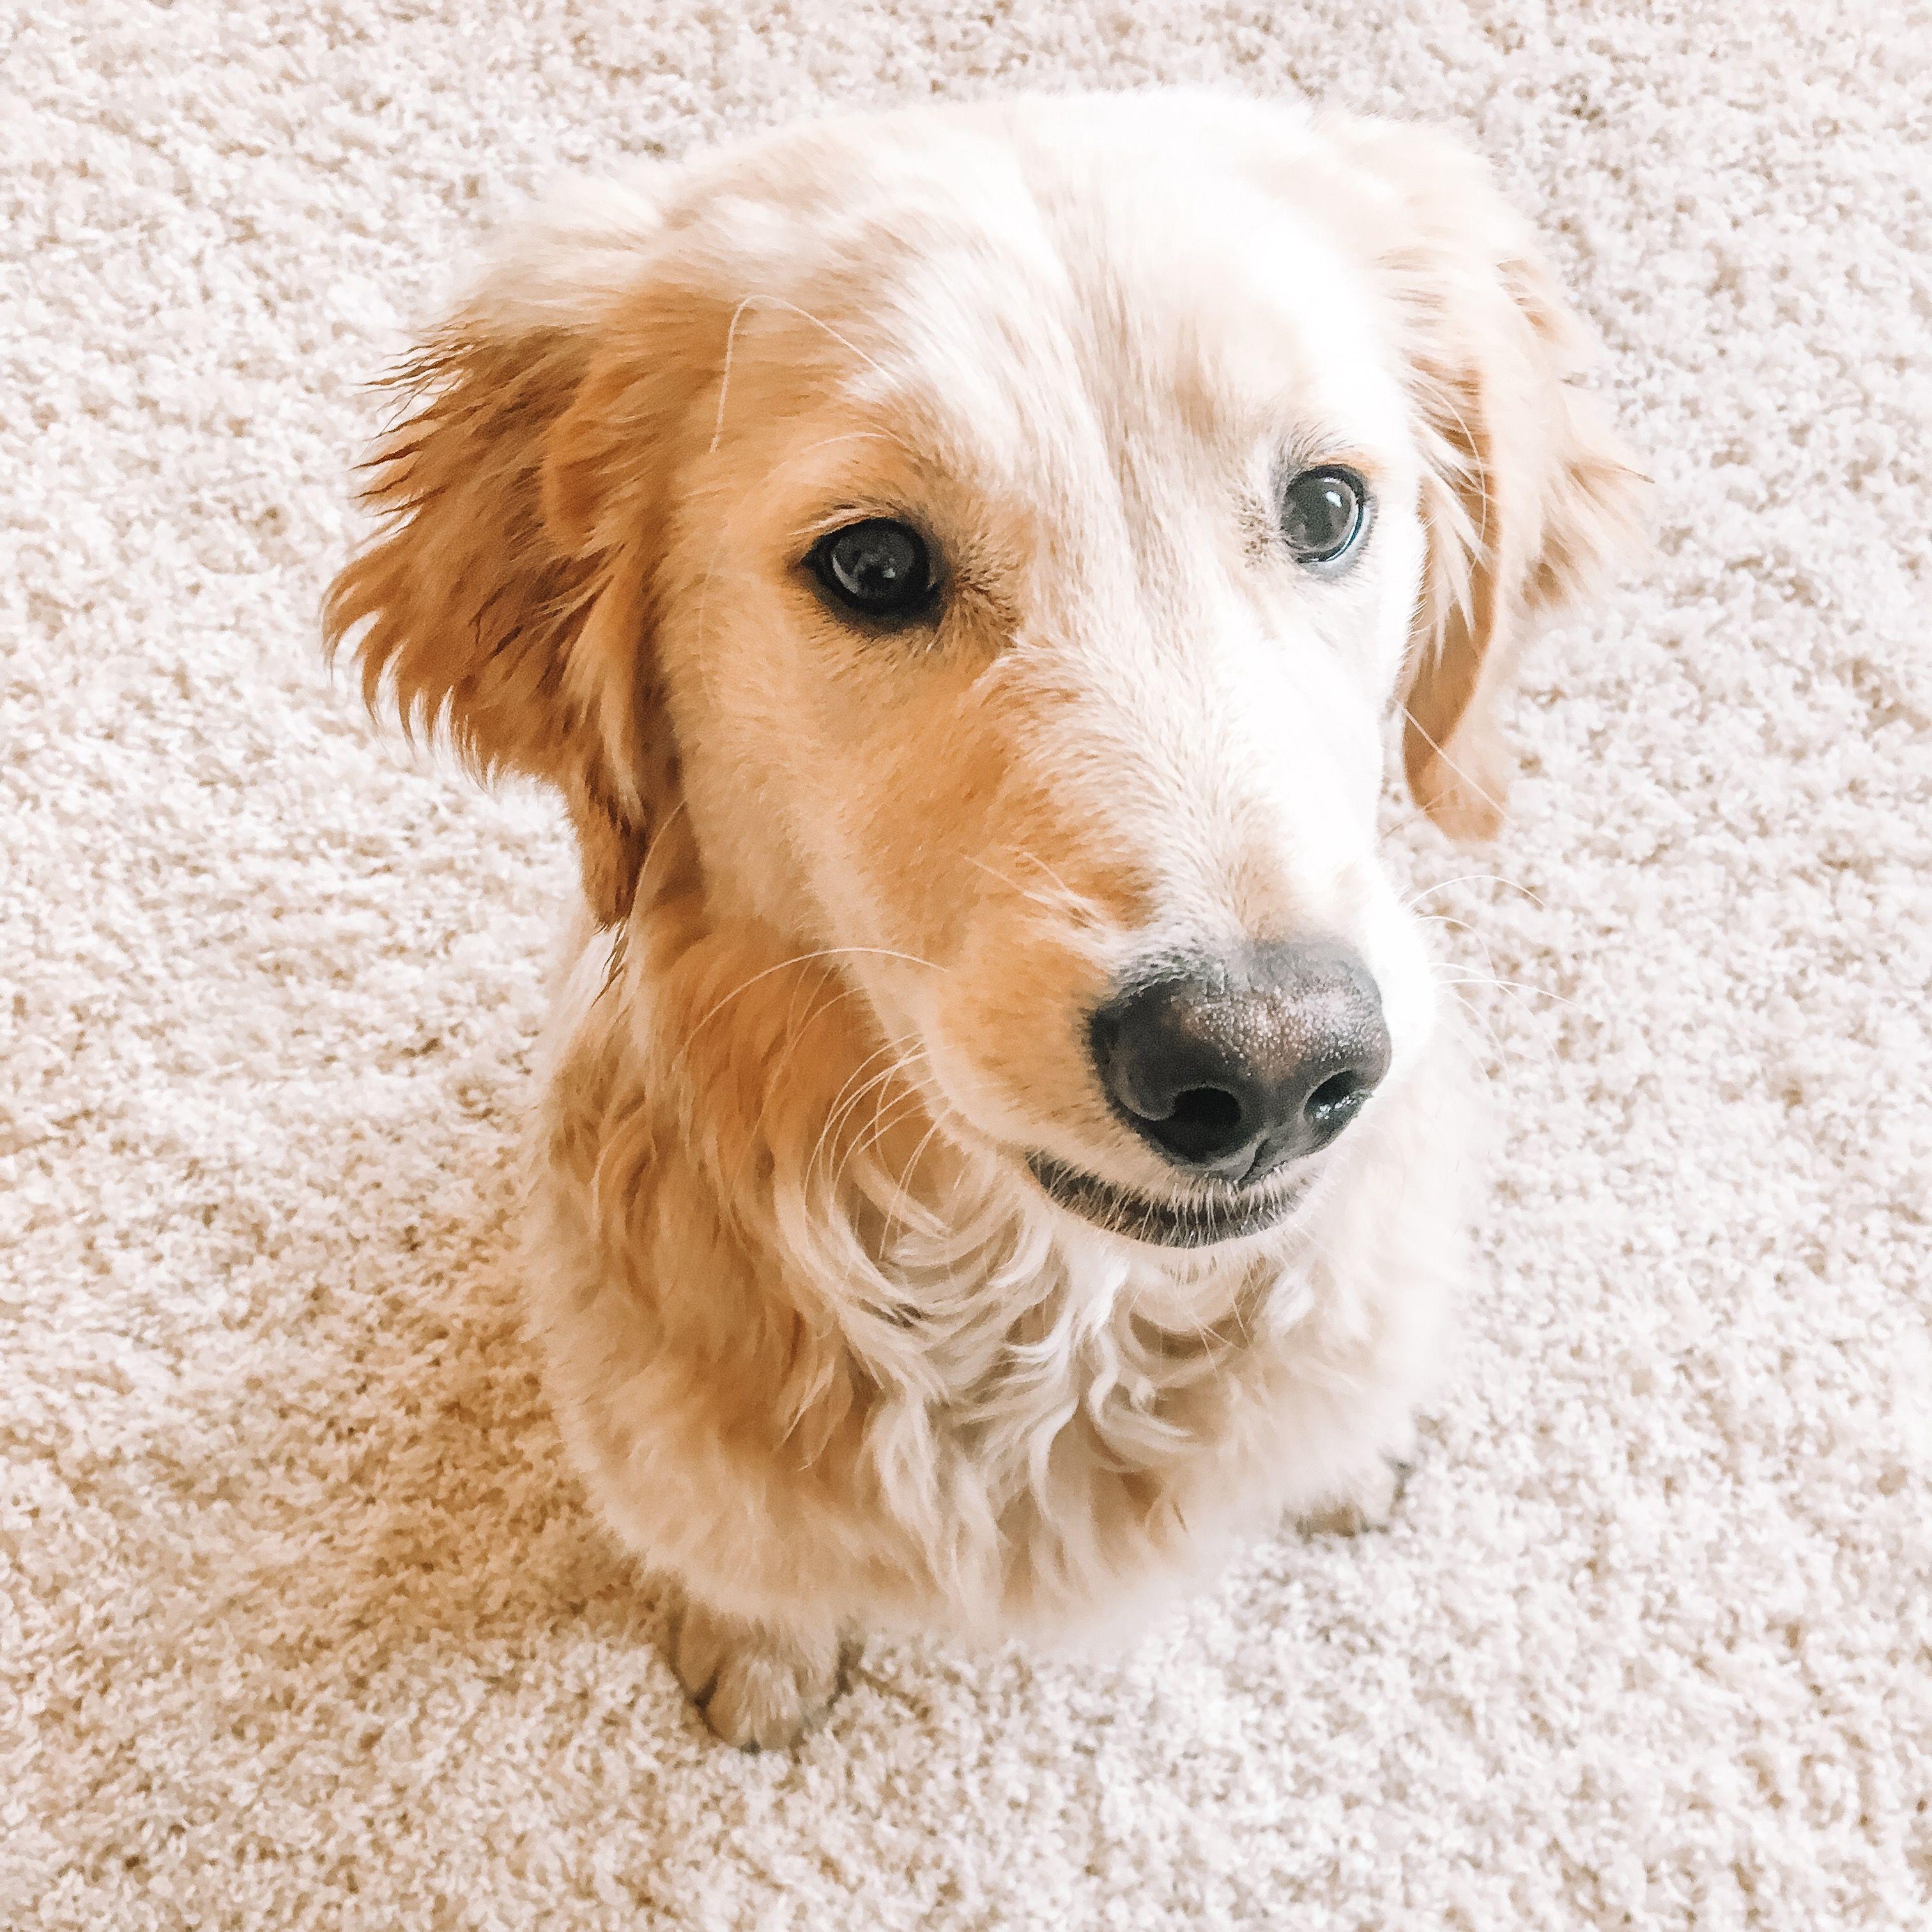 Dogs Dogsofinstagram Dogsandpuppies Goldenretriever Puppy